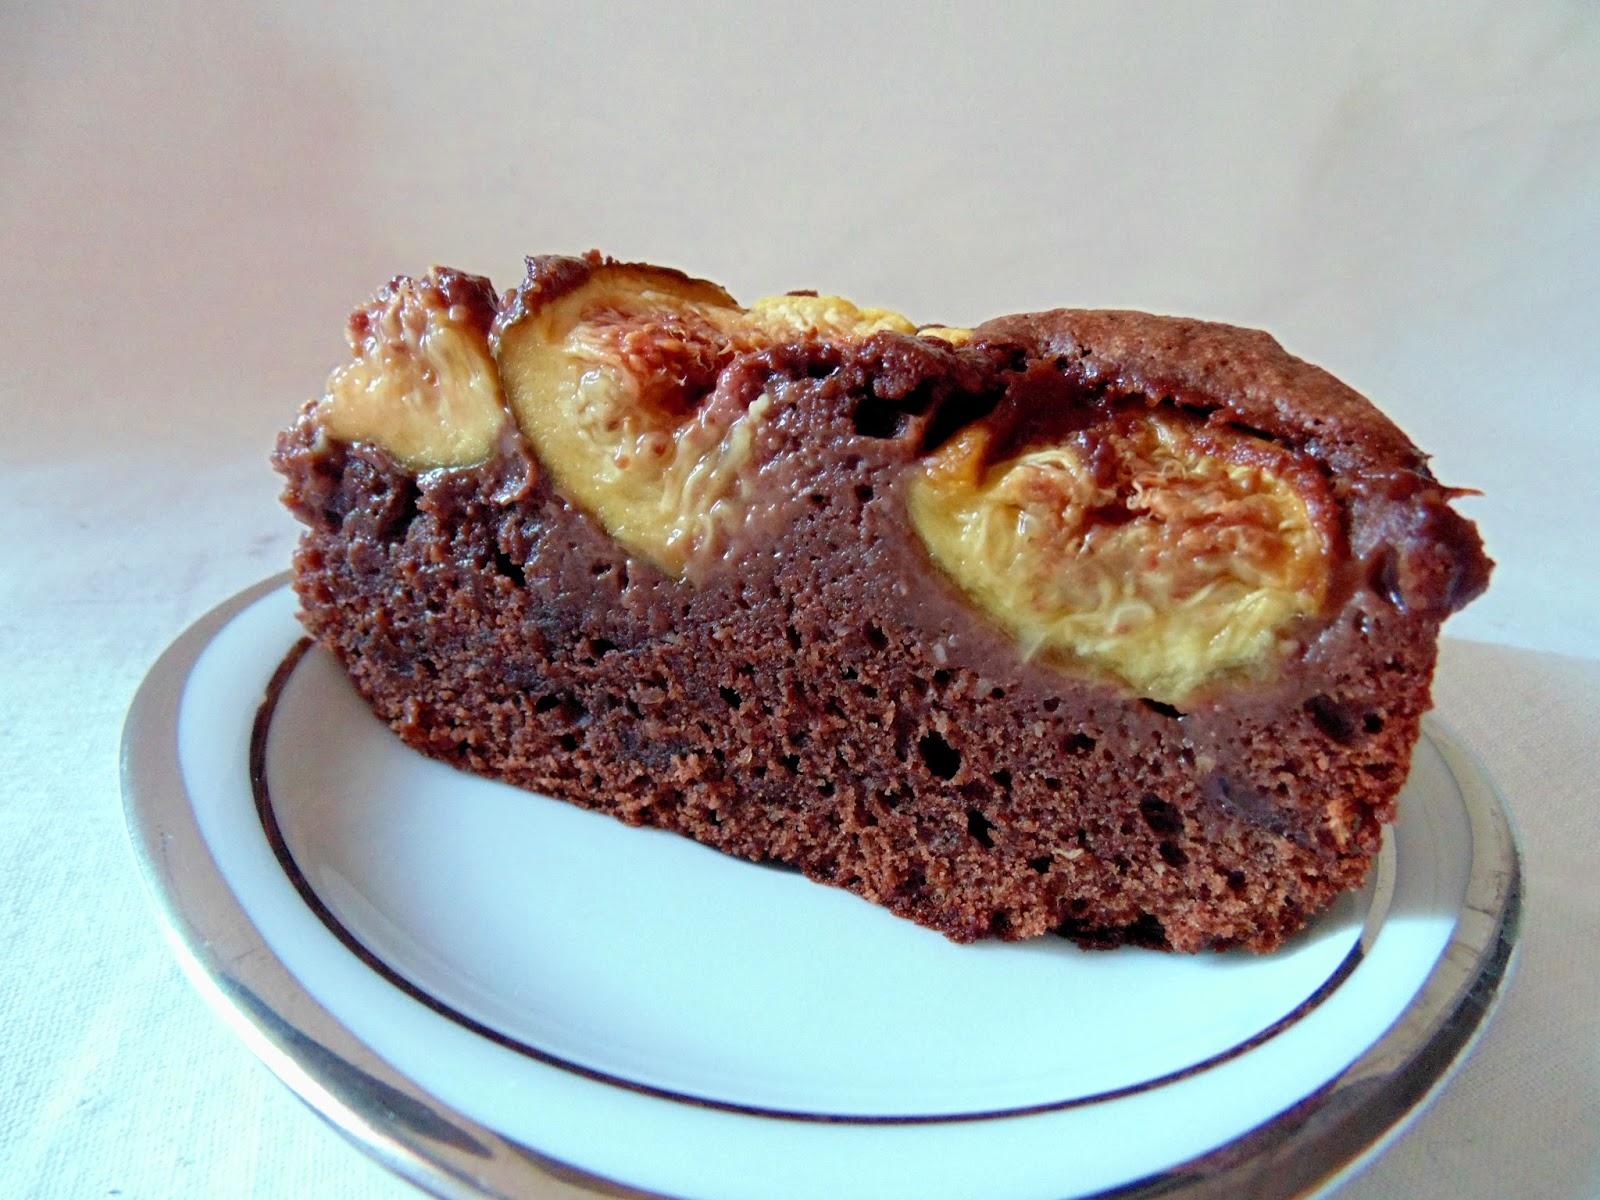 gateau gaga love cakes g teau au chocolat et aux figues. Black Bedroom Furniture Sets. Home Design Ideas